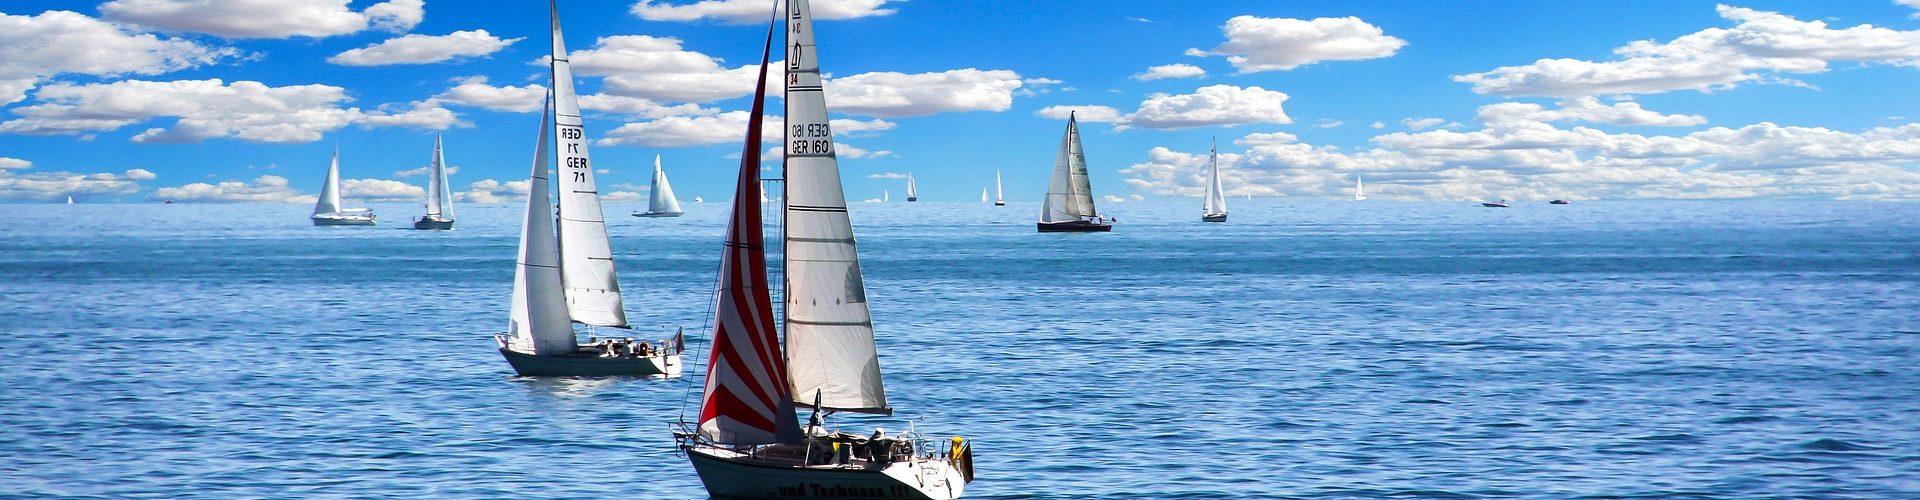 segeln lernen in Baltrum segelschein machen in Baltrum 1920x500 - Segeln lernen in Baltrum